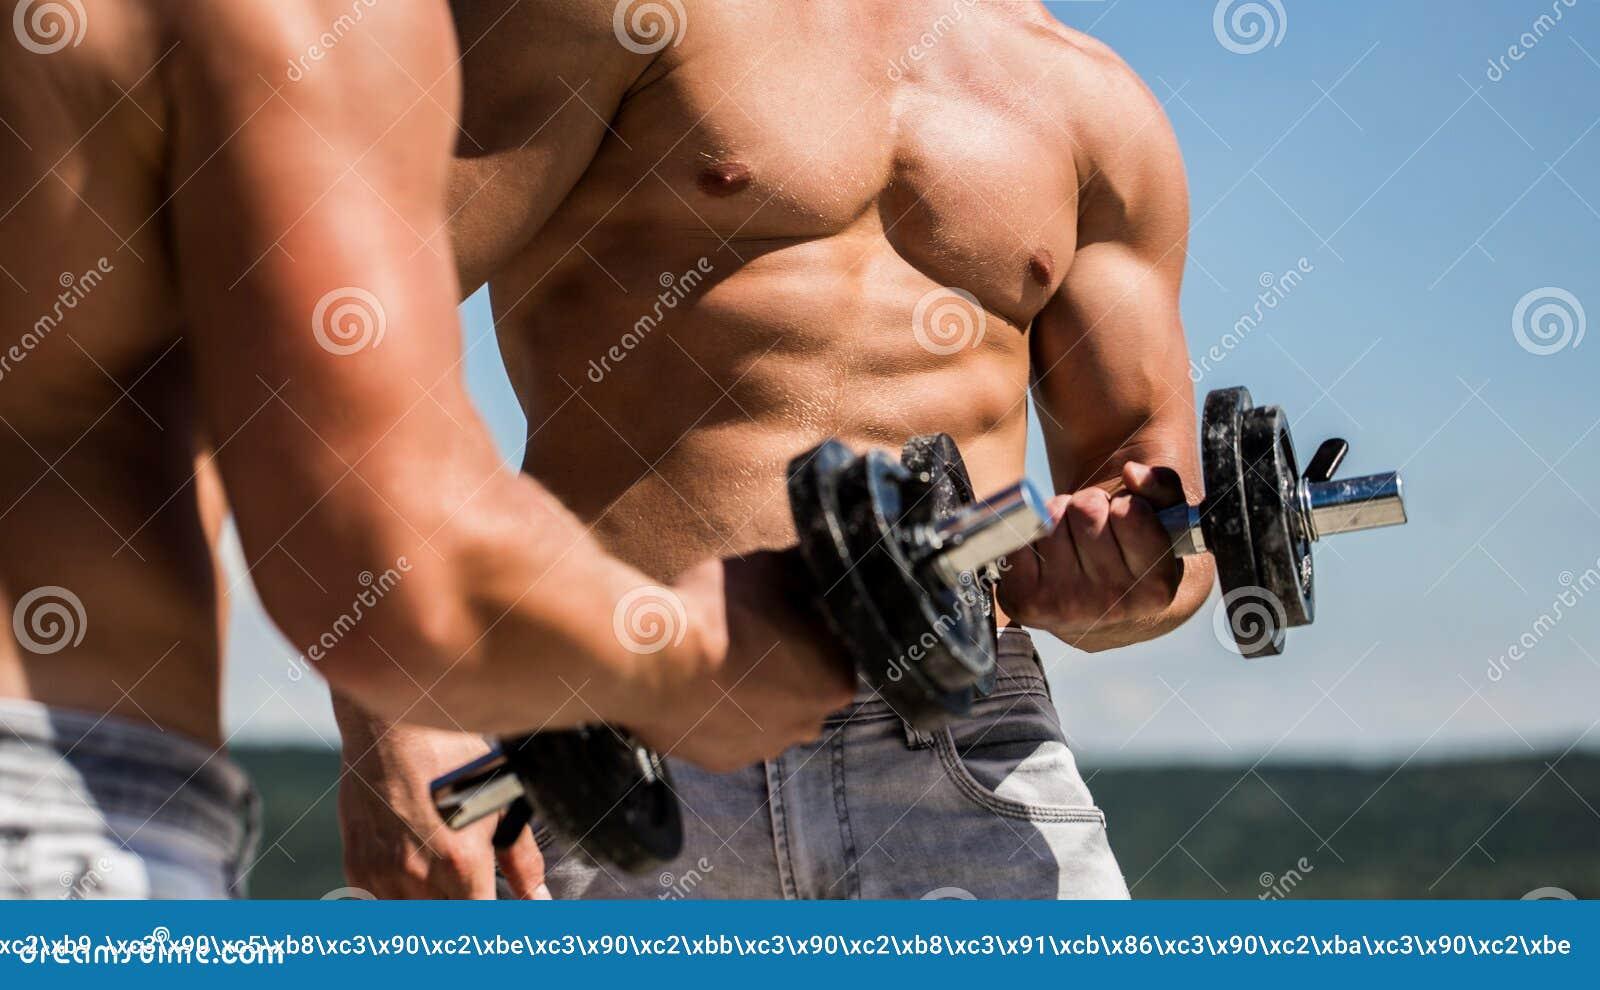 гантель Мышечные парни культуриста, тренировки с гантелями Сильный культурист, идеальные дельтовидные мышцы, плечи